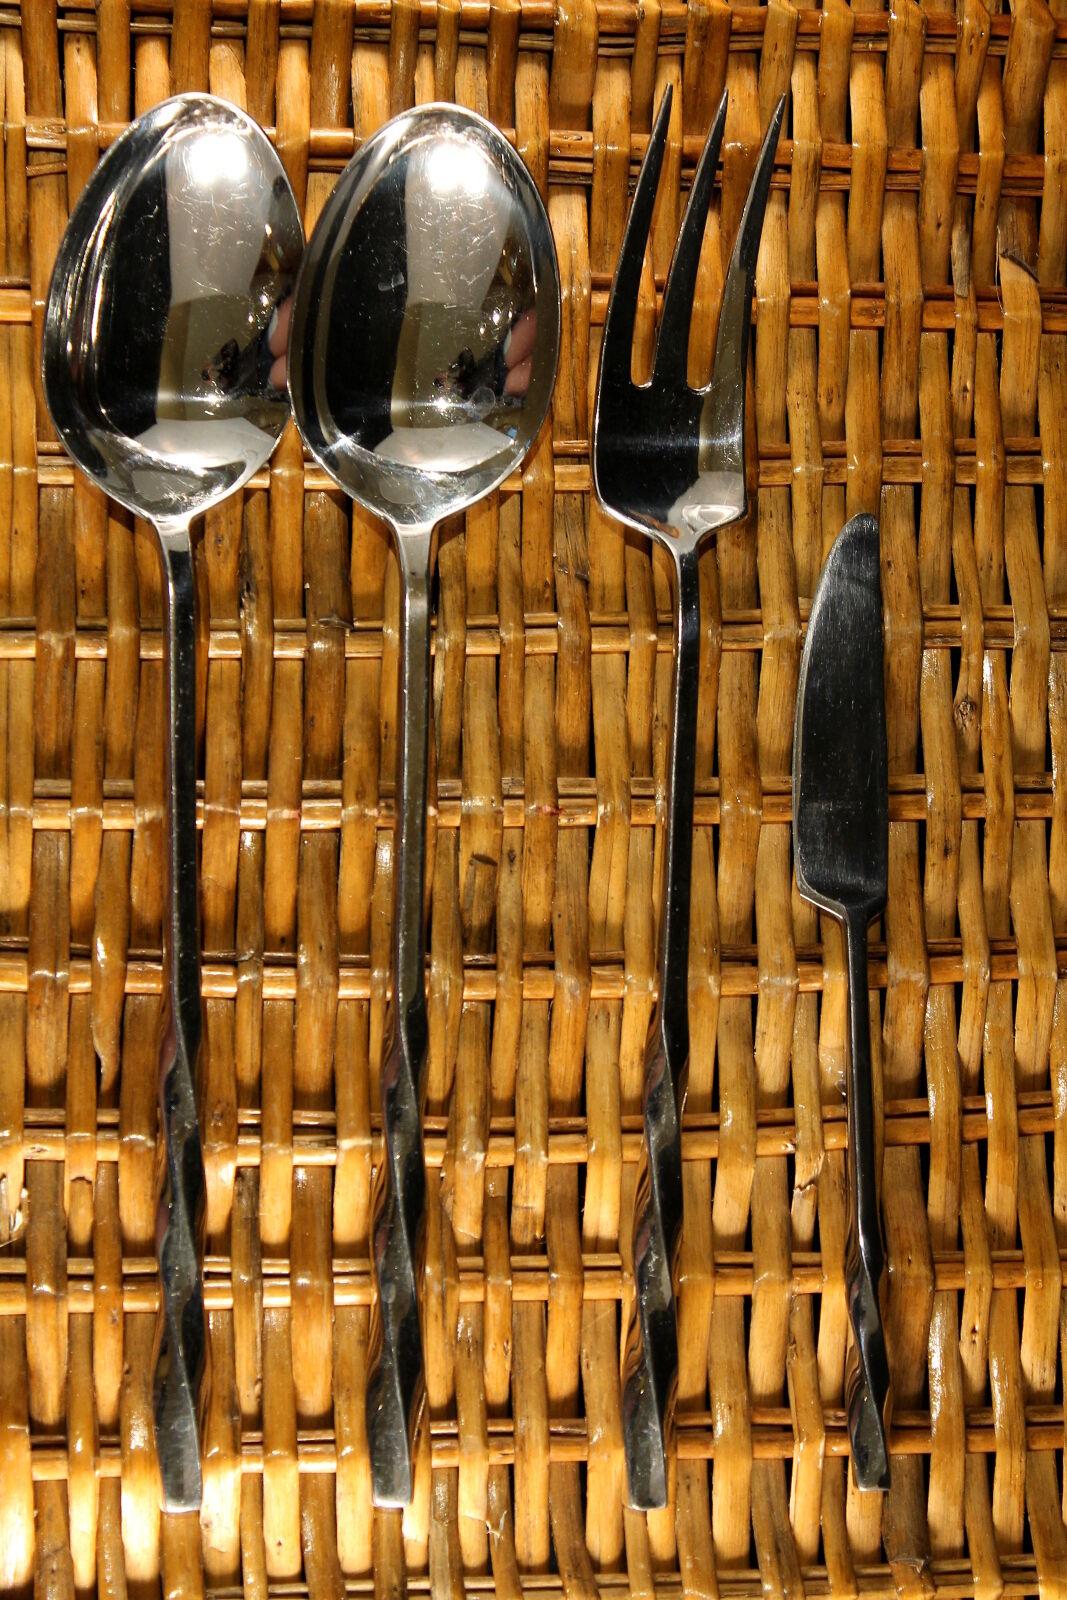 DANSK SPIRA inoxydable -- serving Fourchette Cuillère Coutellerie Couteau à beurre Set